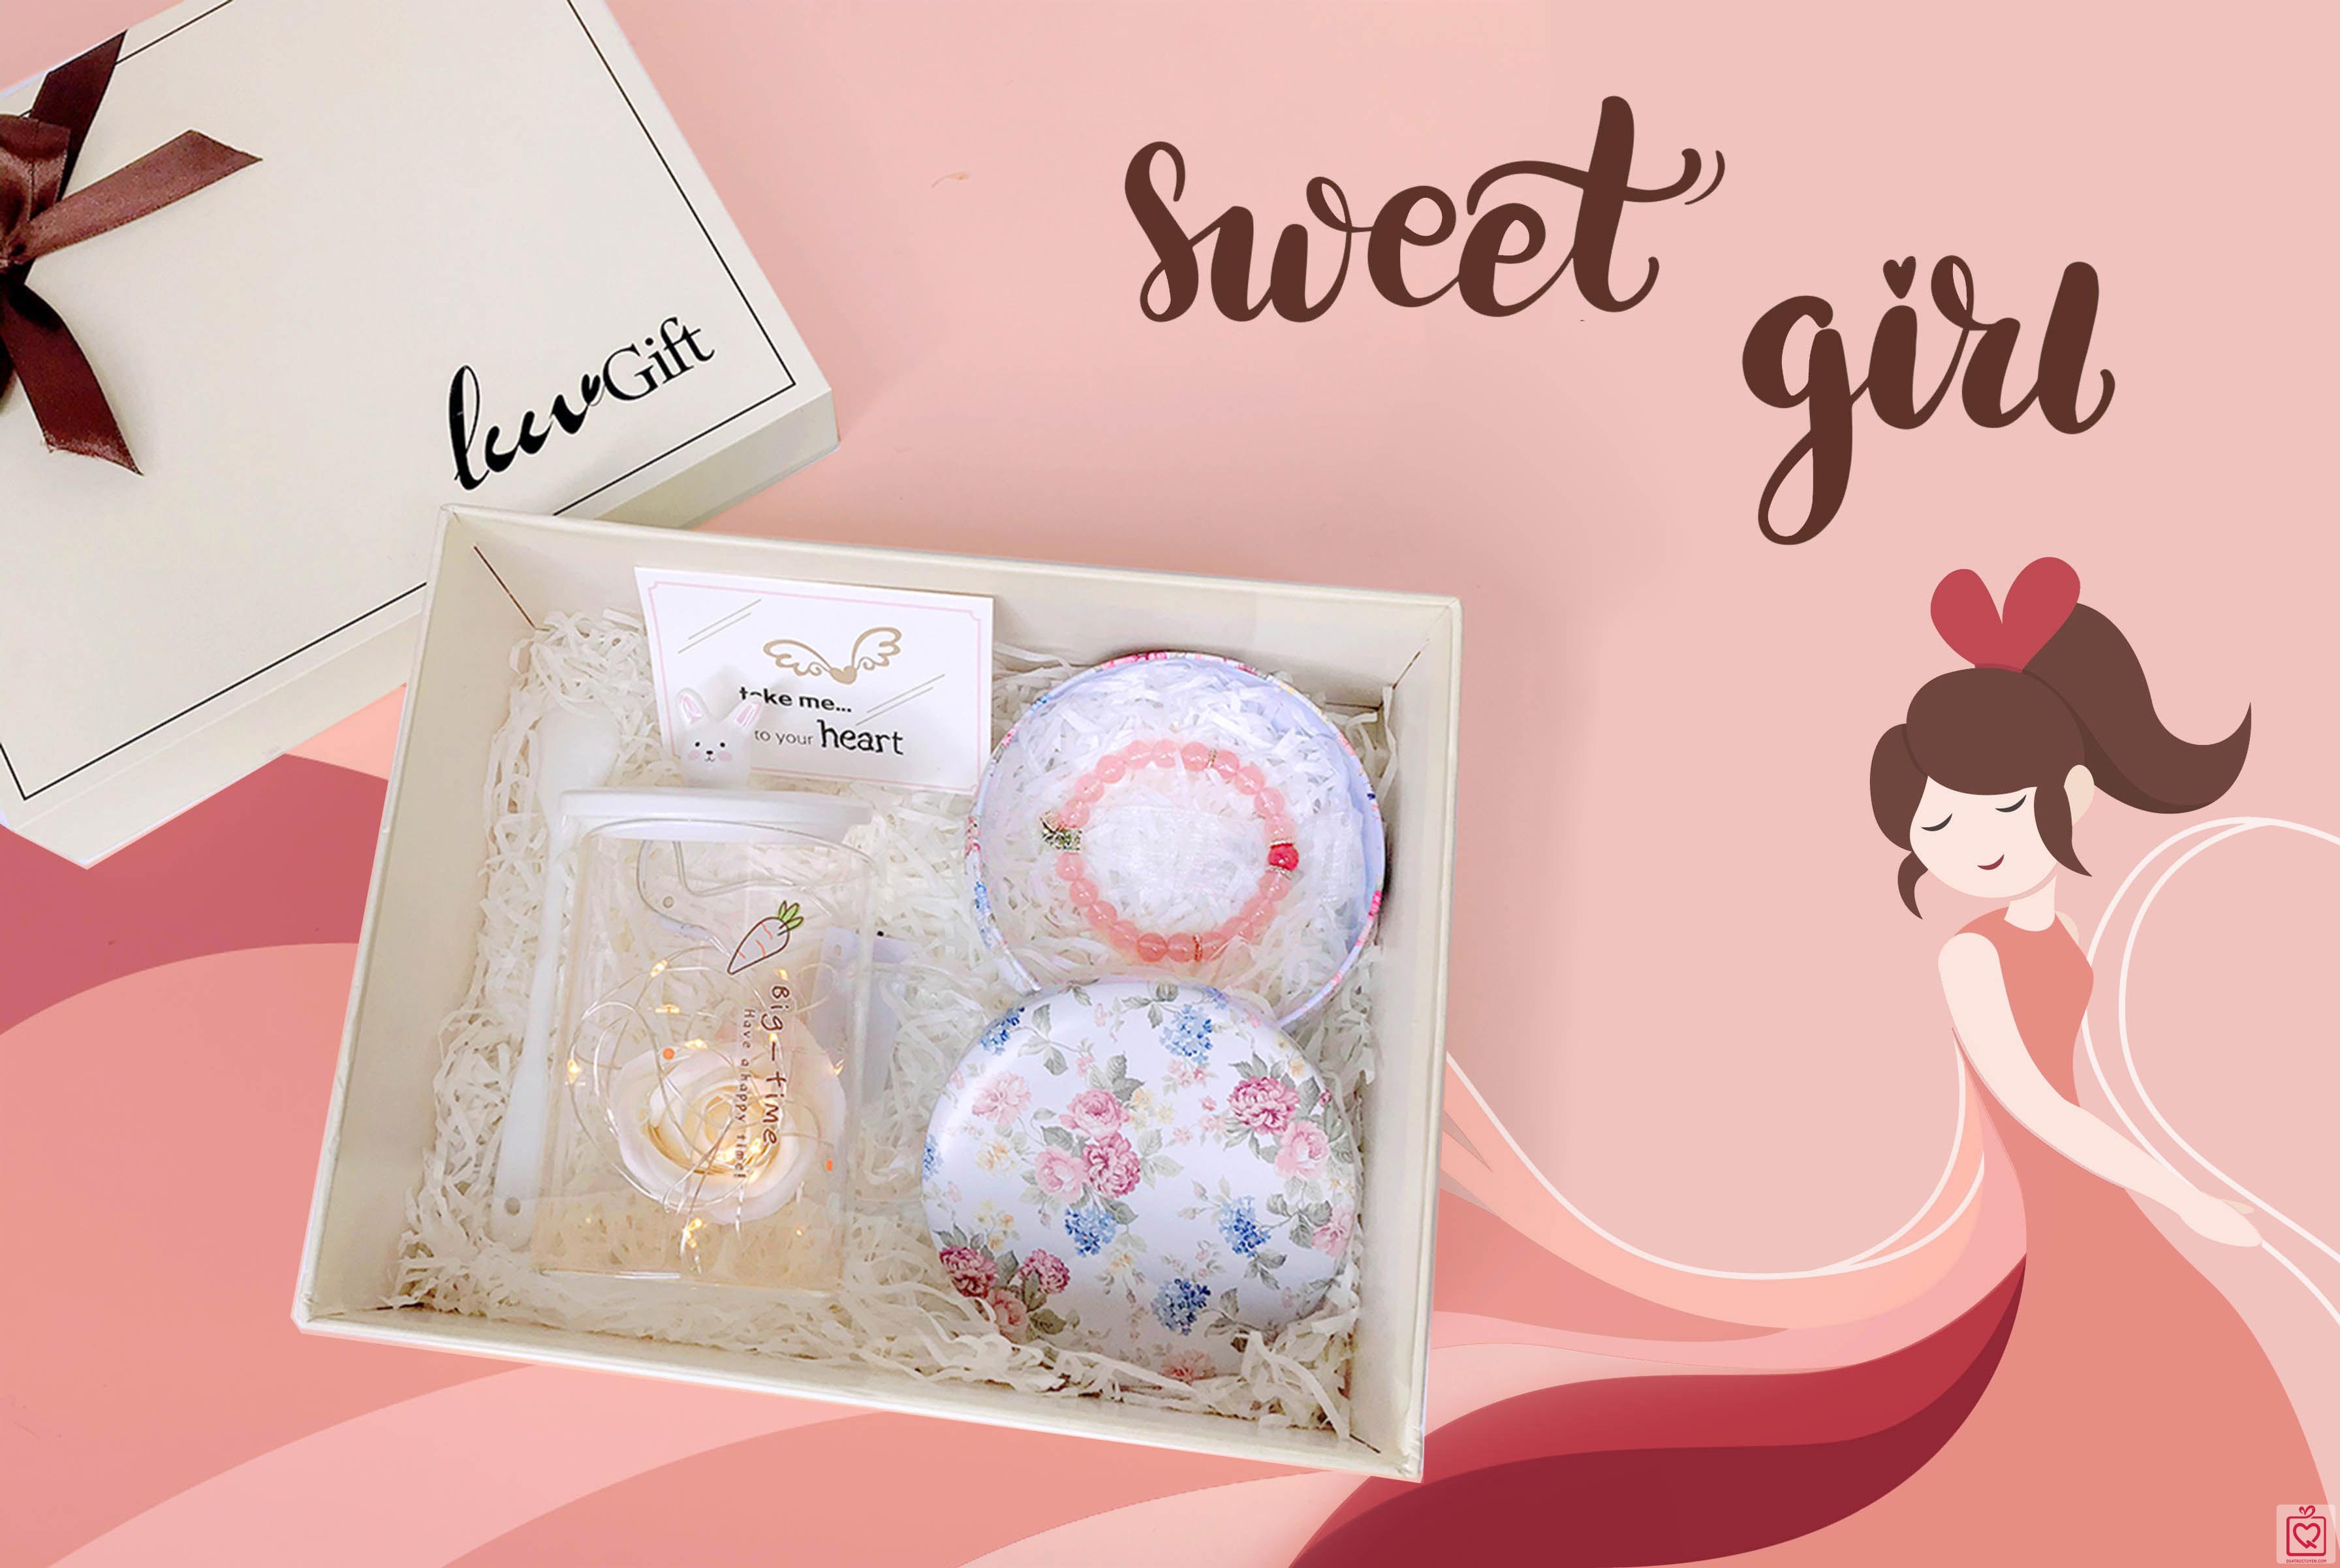 Quà tặng Luvgift Sweet Girl